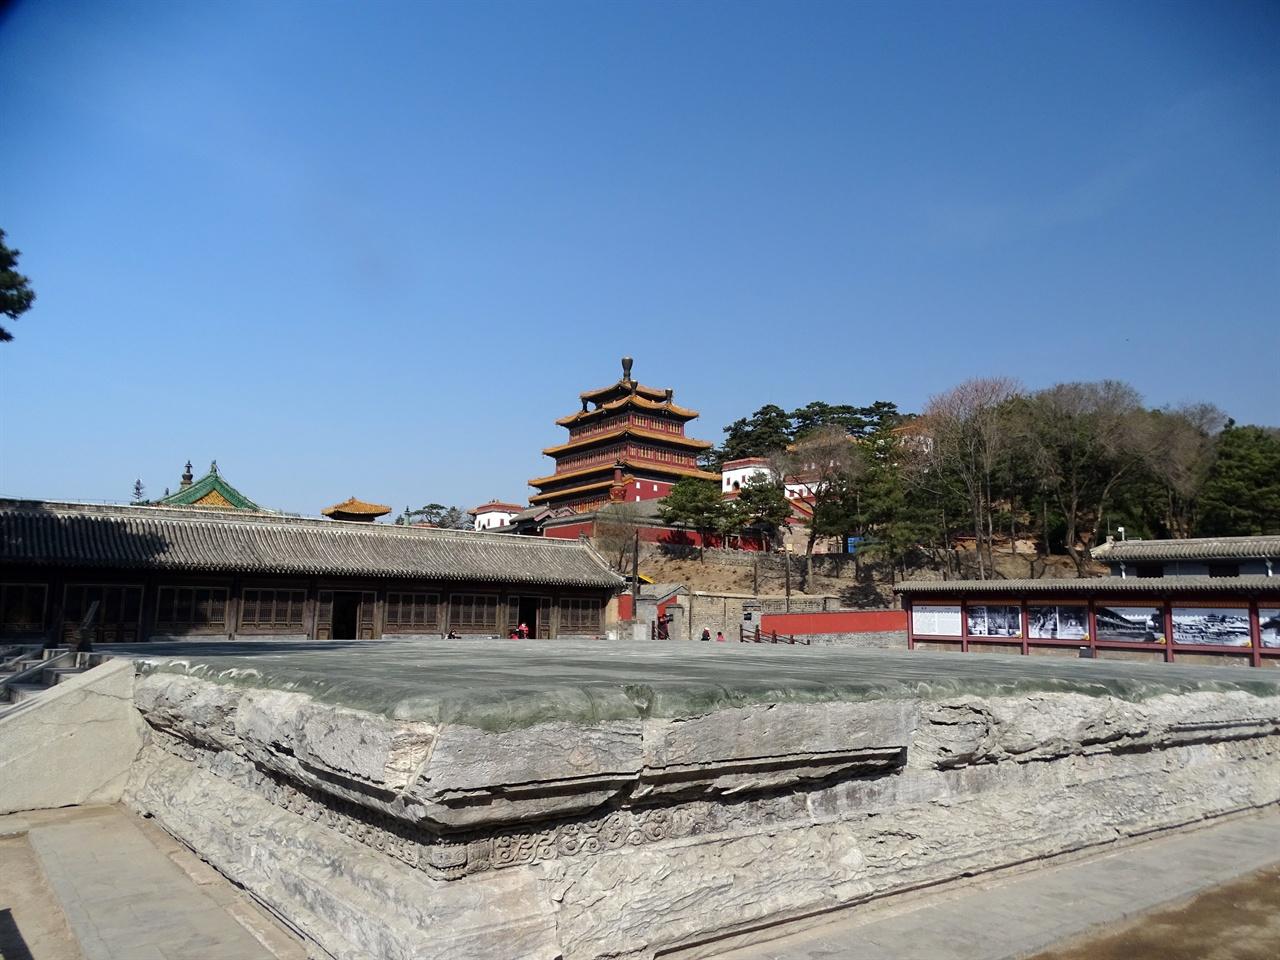 푸요우스(普佑寺) 1964년 9월 10일 벼락을 맞고 화재가 발생해 소실 되어 가운데는 사원 터만 남아 있고, 양옆 건물에는 현재 도금한 1.7미터의 176존(尊)이 진열되어 있다.